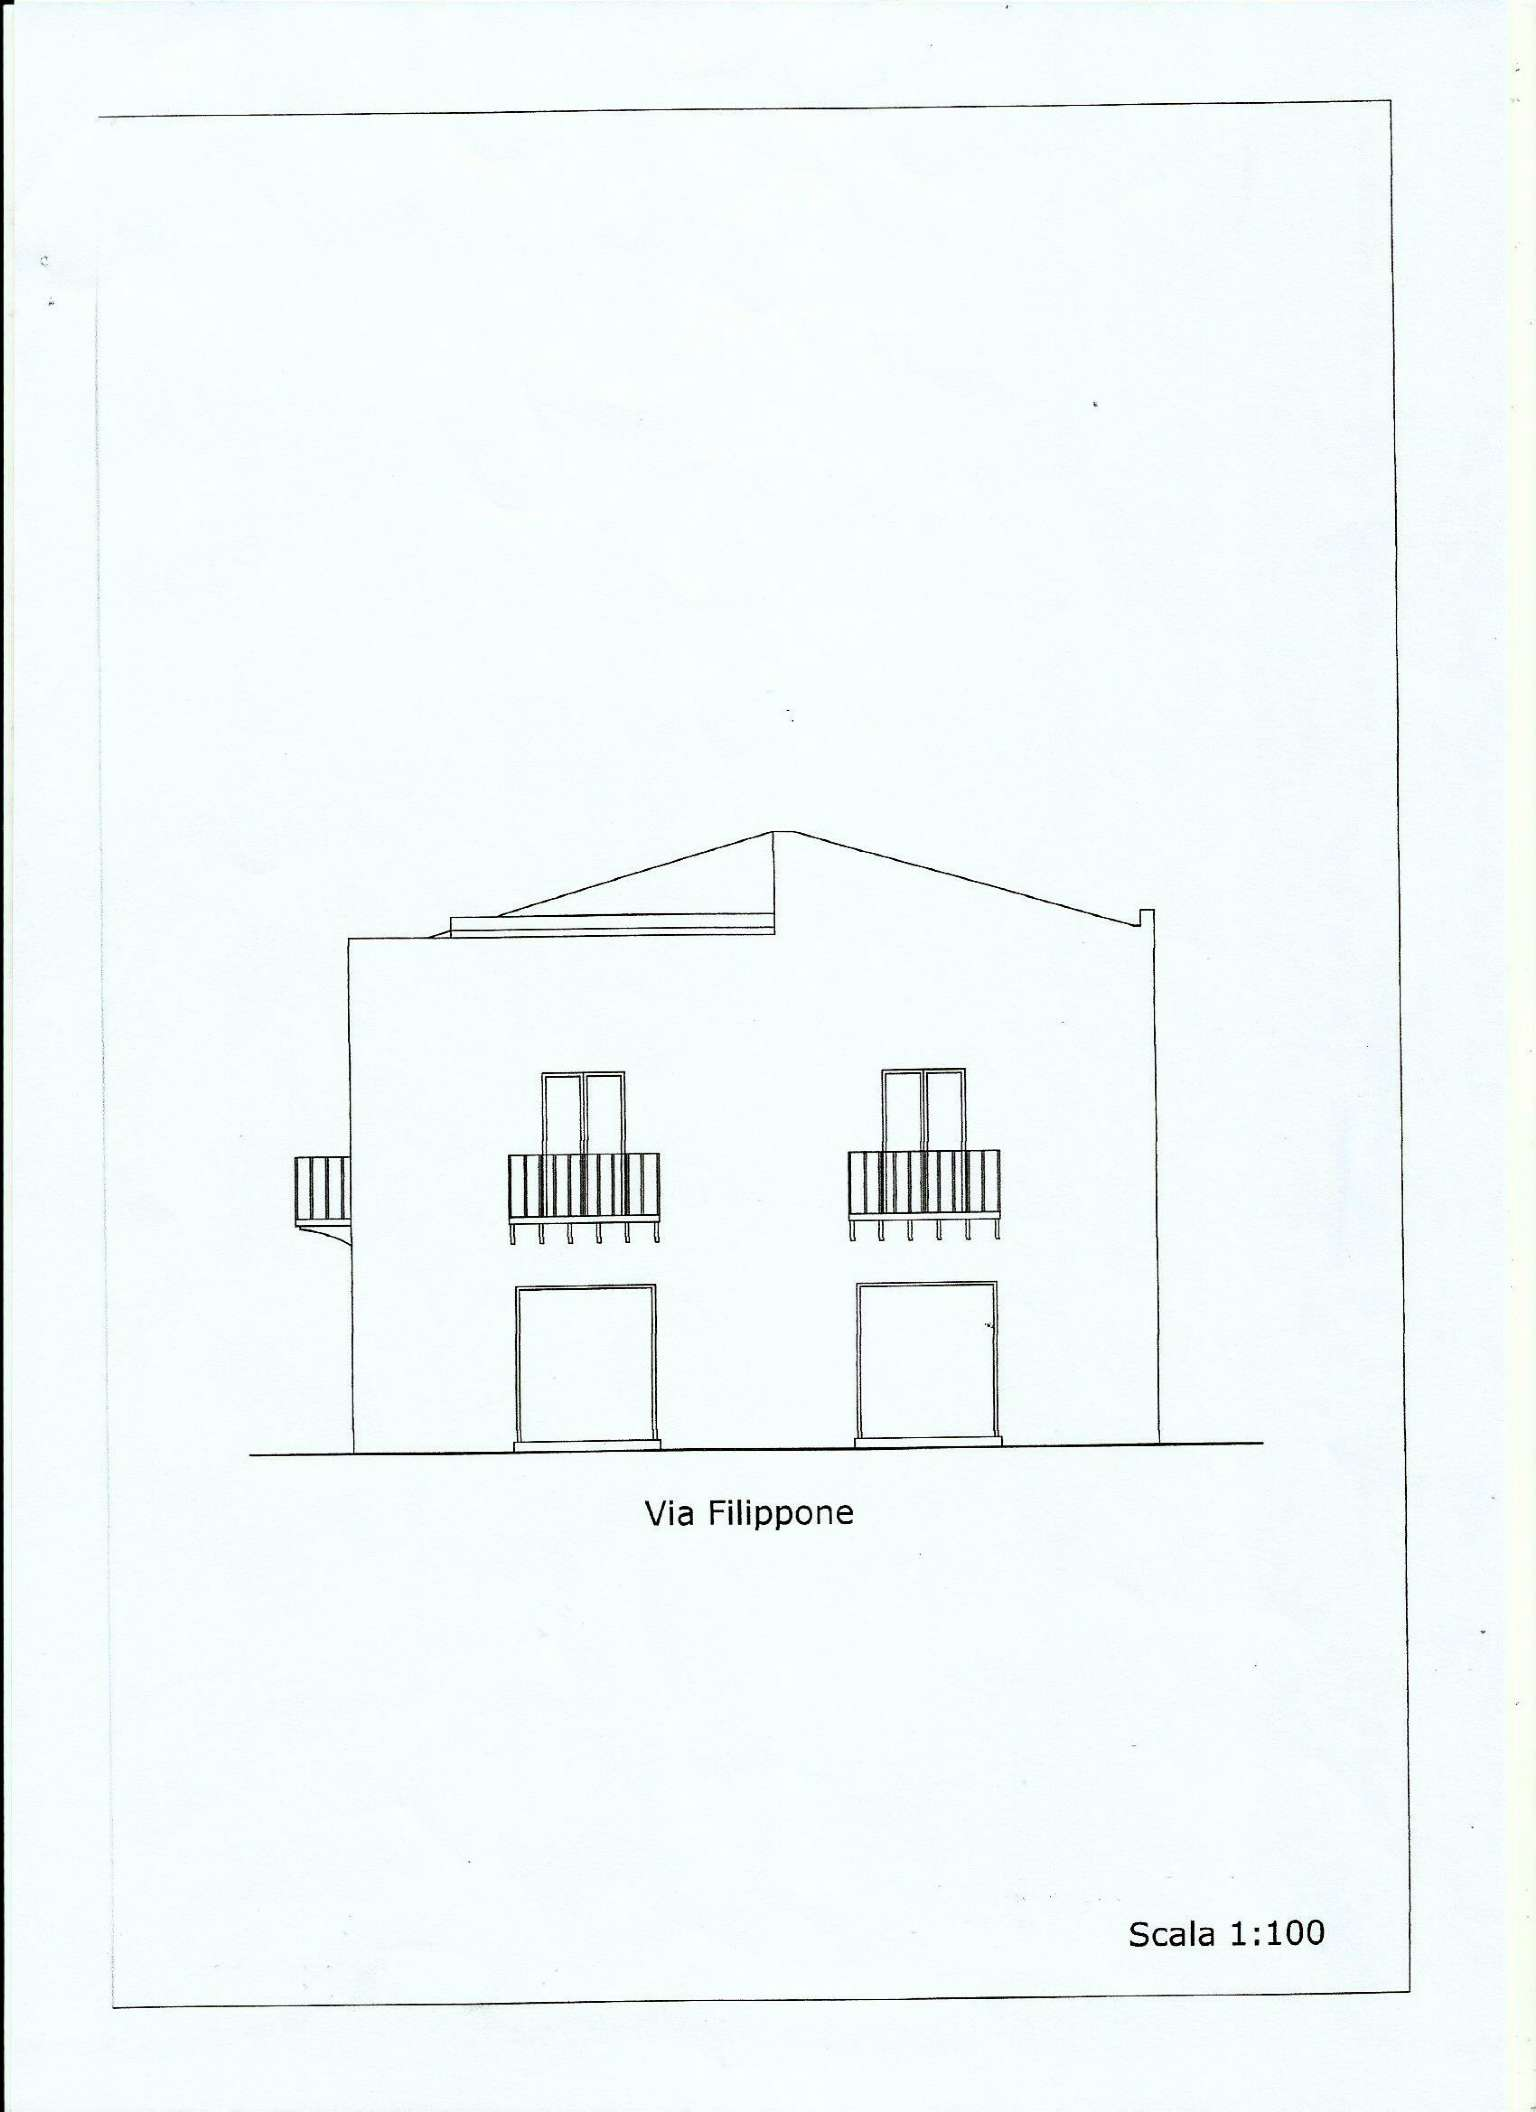 Casa indipendente in Vendita a Palermo: 110 mq  - Foto 1